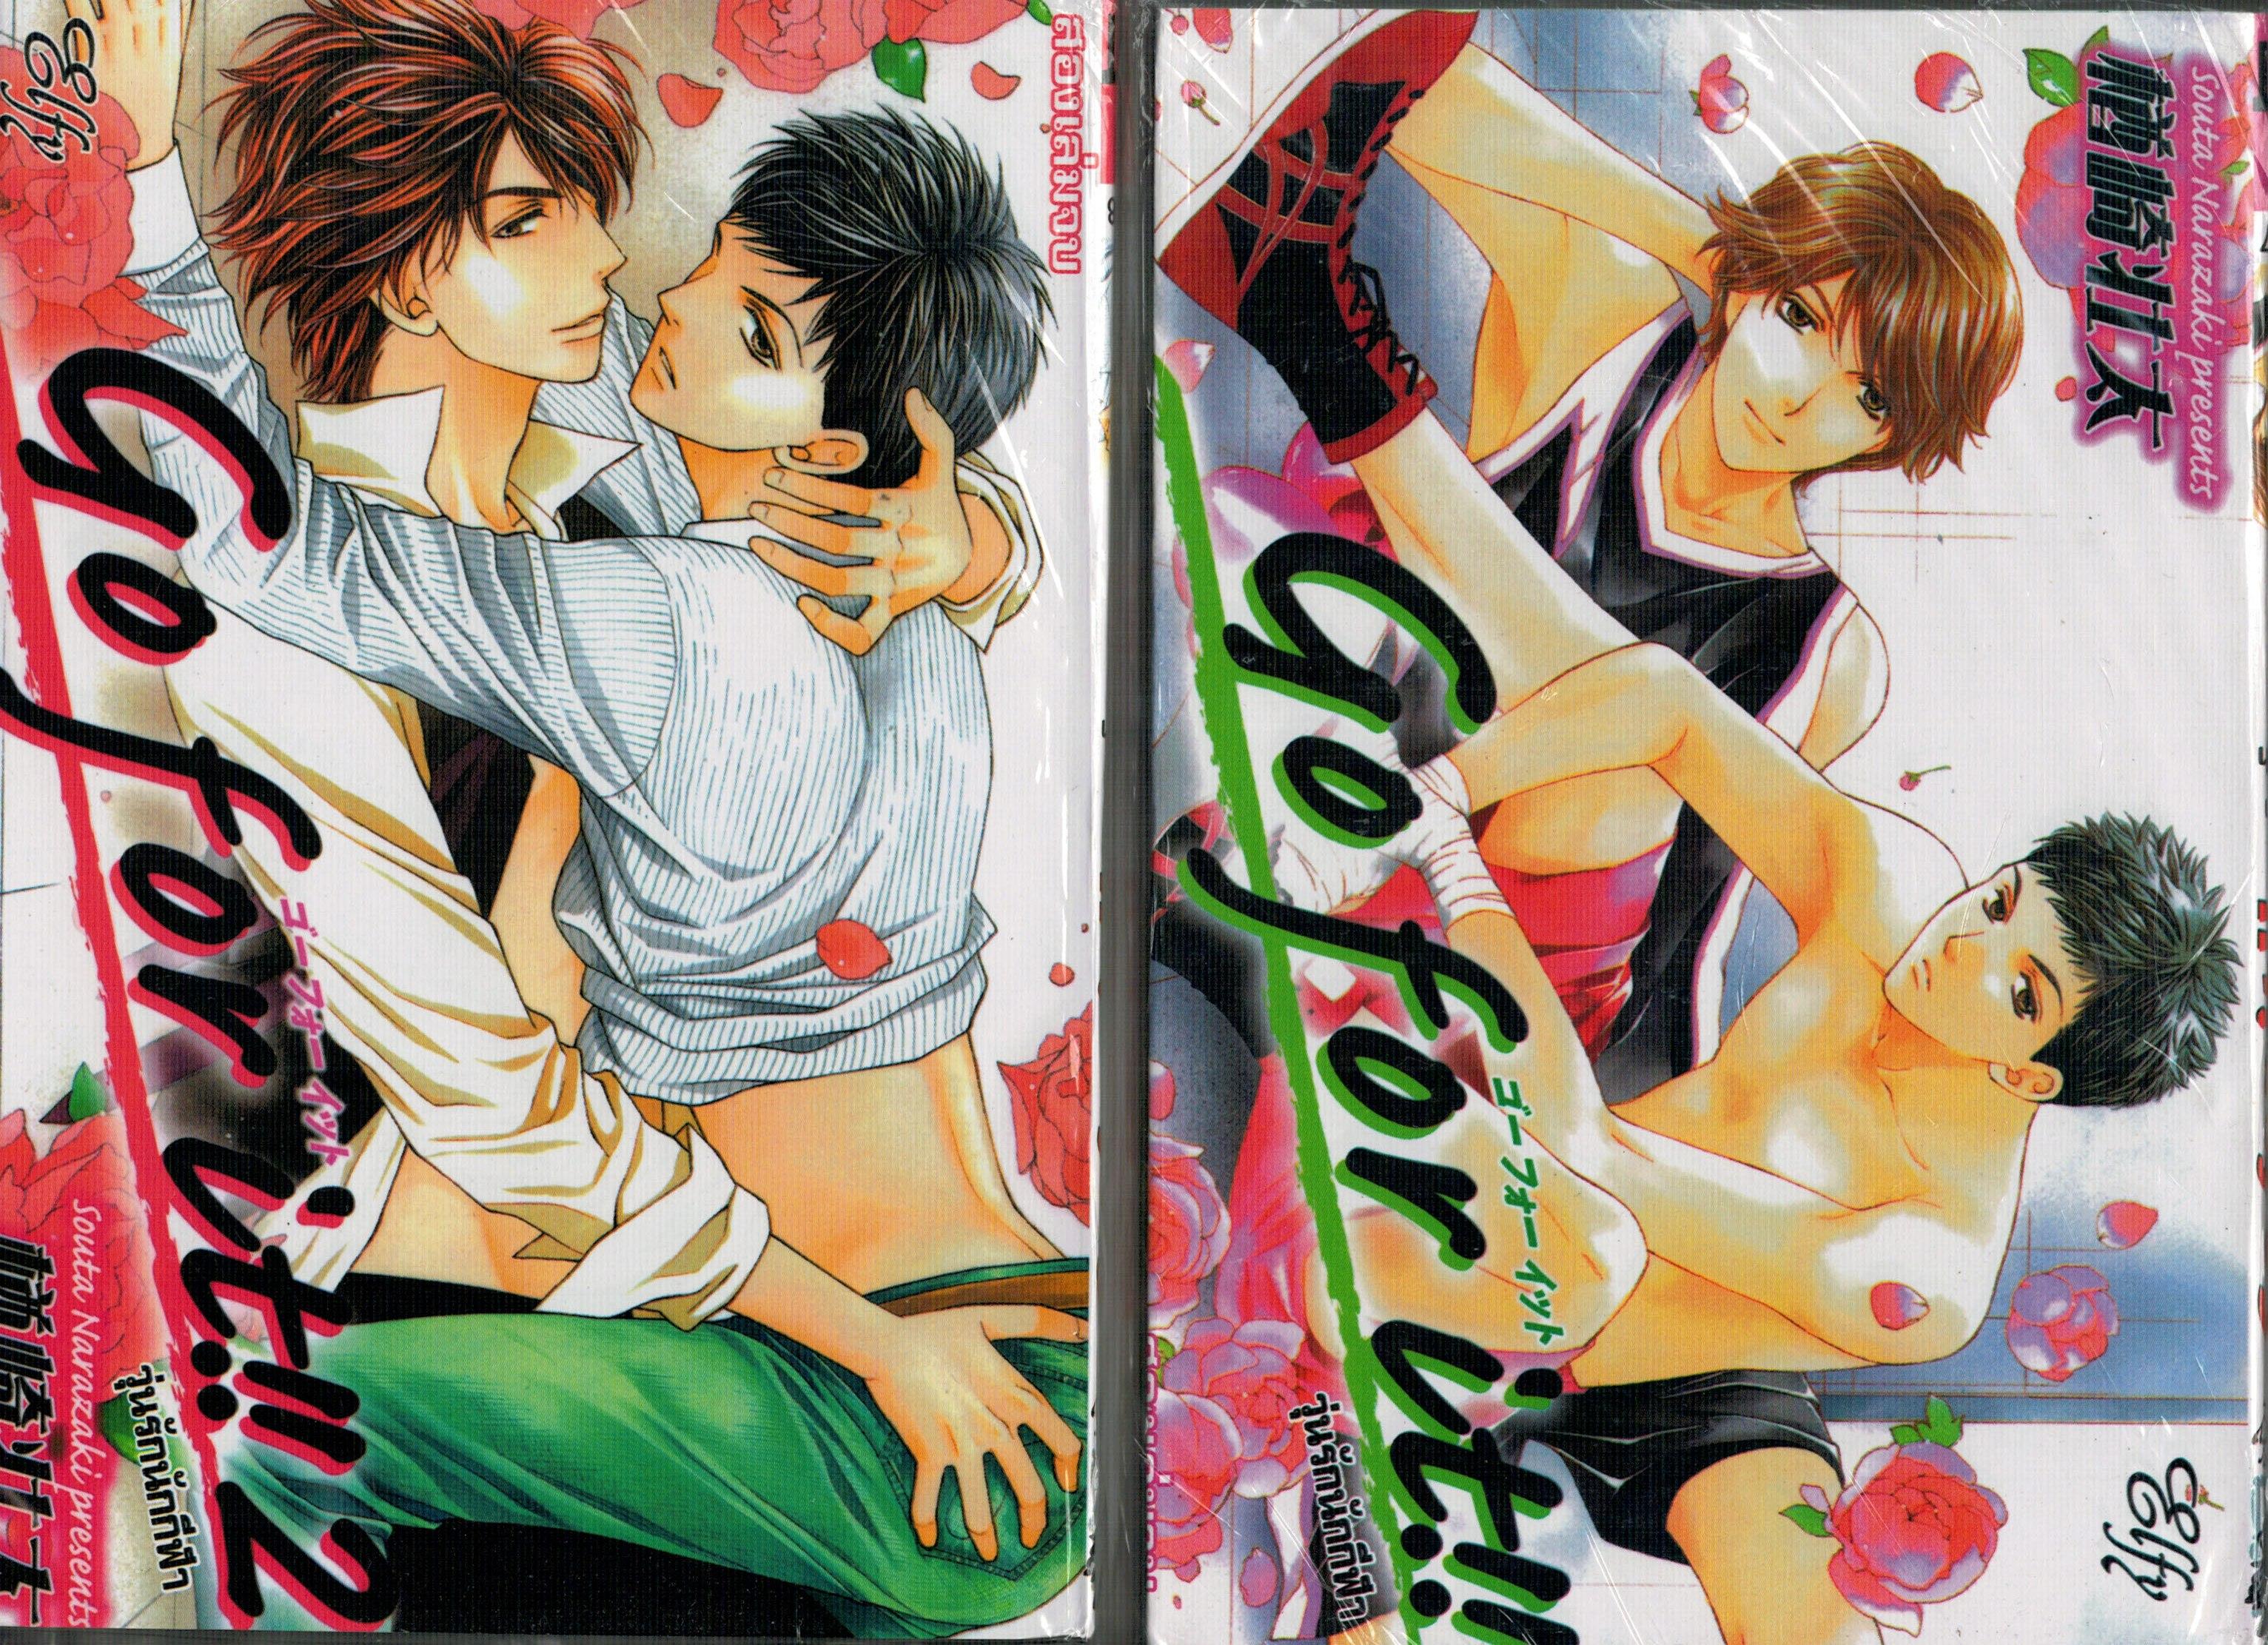 Go For it วุ่นรักนักกีฬา 2 เล่มจบ -- Narazaki Souta